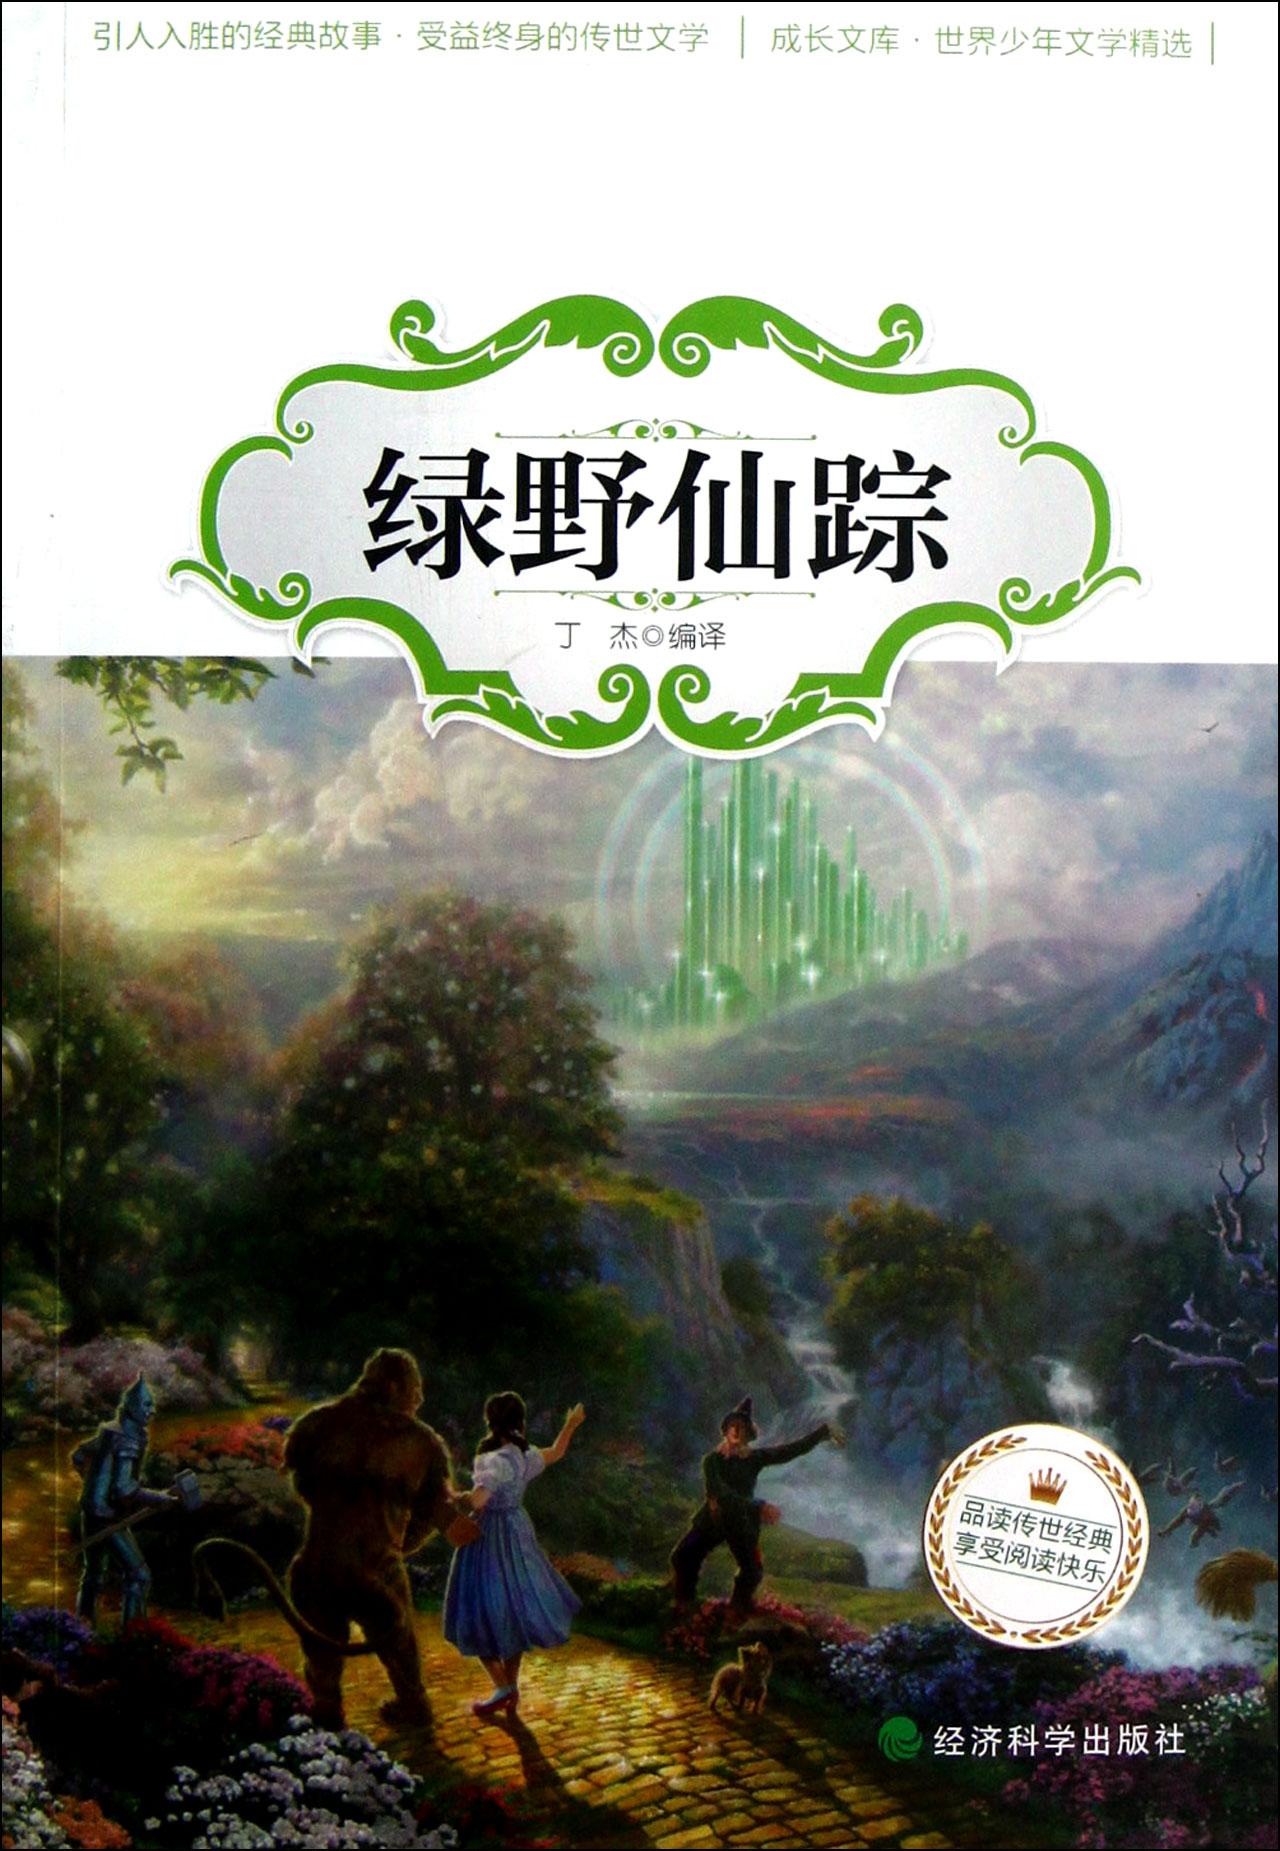 绿野仙踪图片